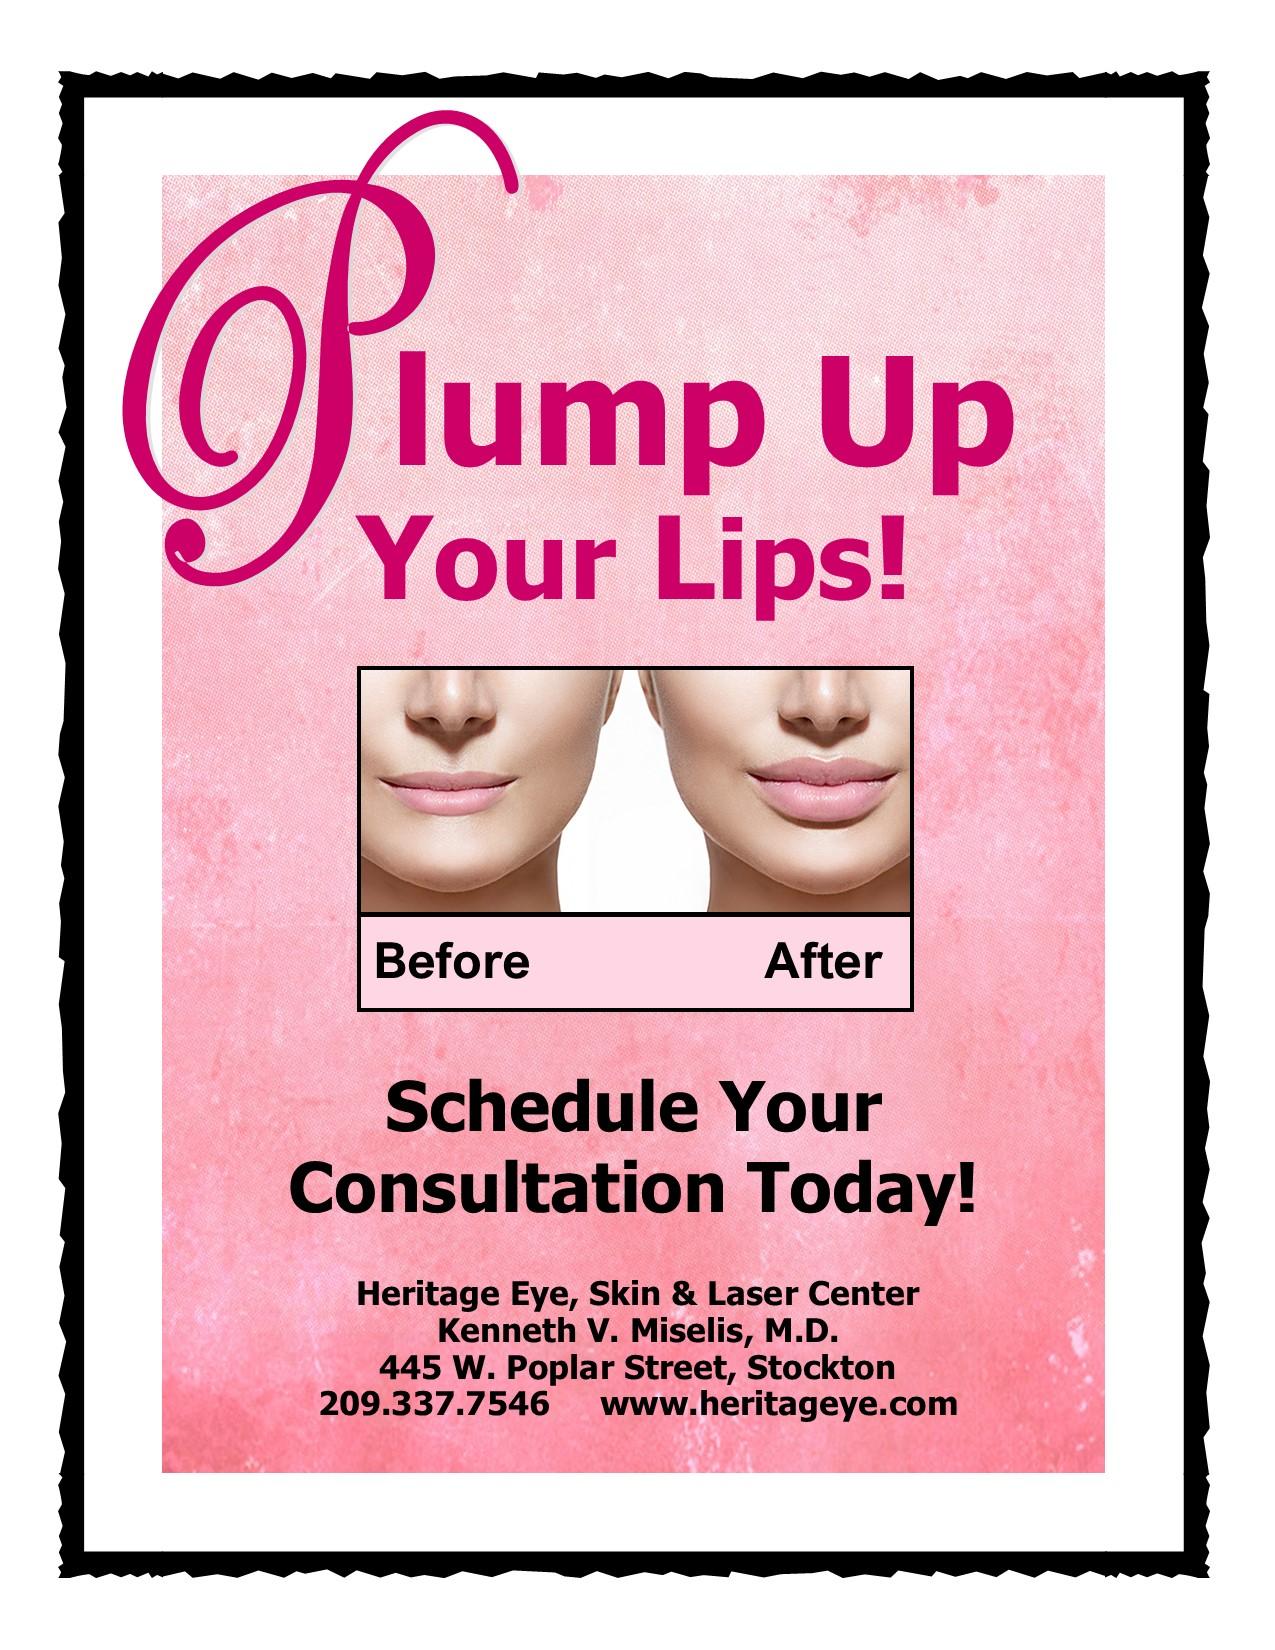 Volumizing Lip Fillers at Heritage Eye, Skin & Laser Center